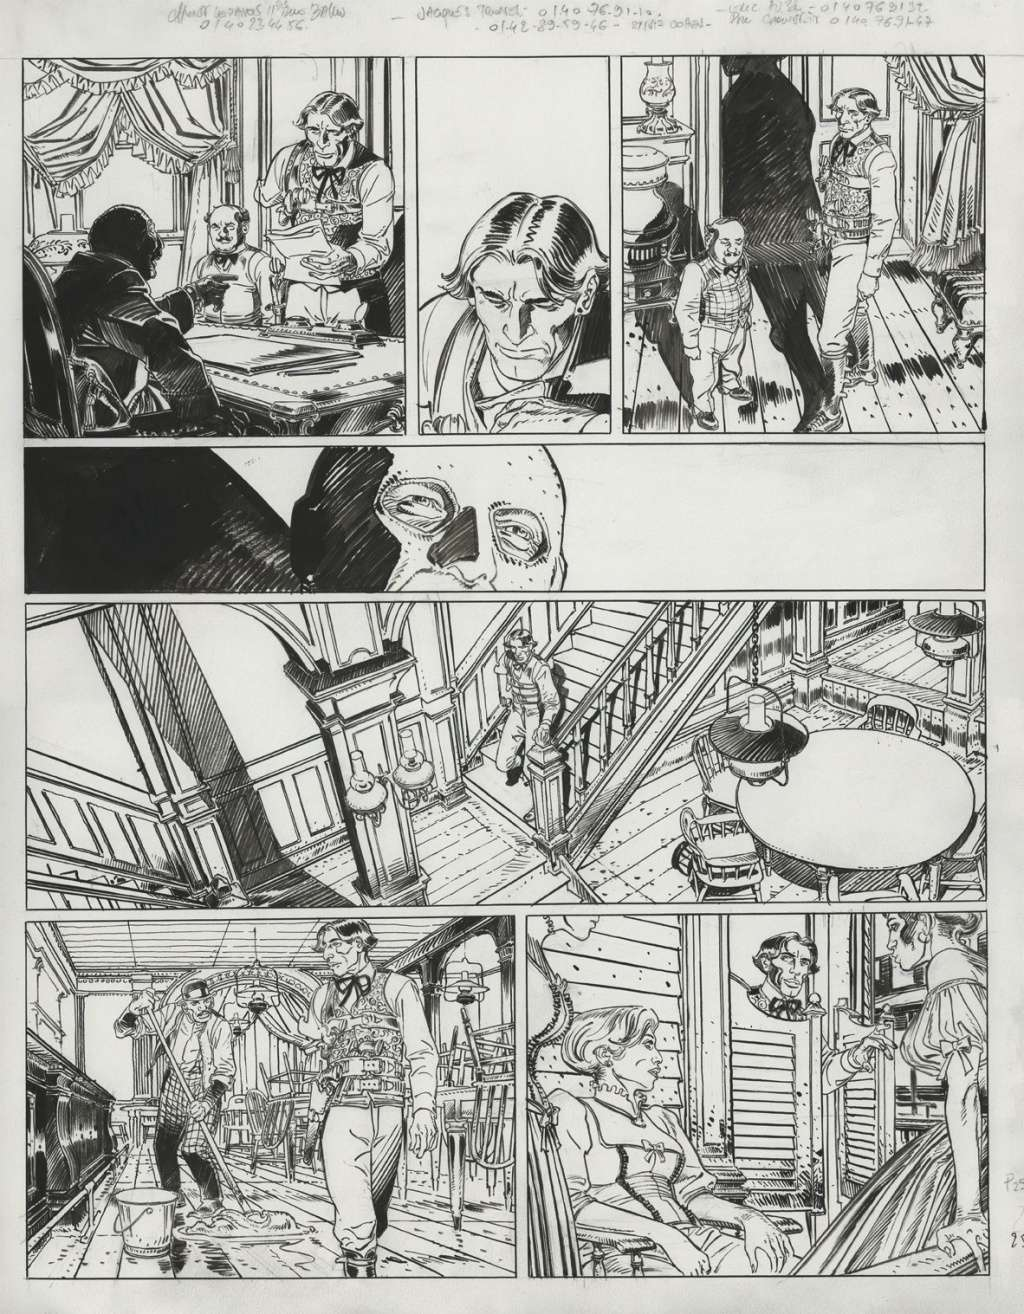 Francois Boucq, un style oscillant entre réalisme cru et humour absurde - Page 3 Boucq-12